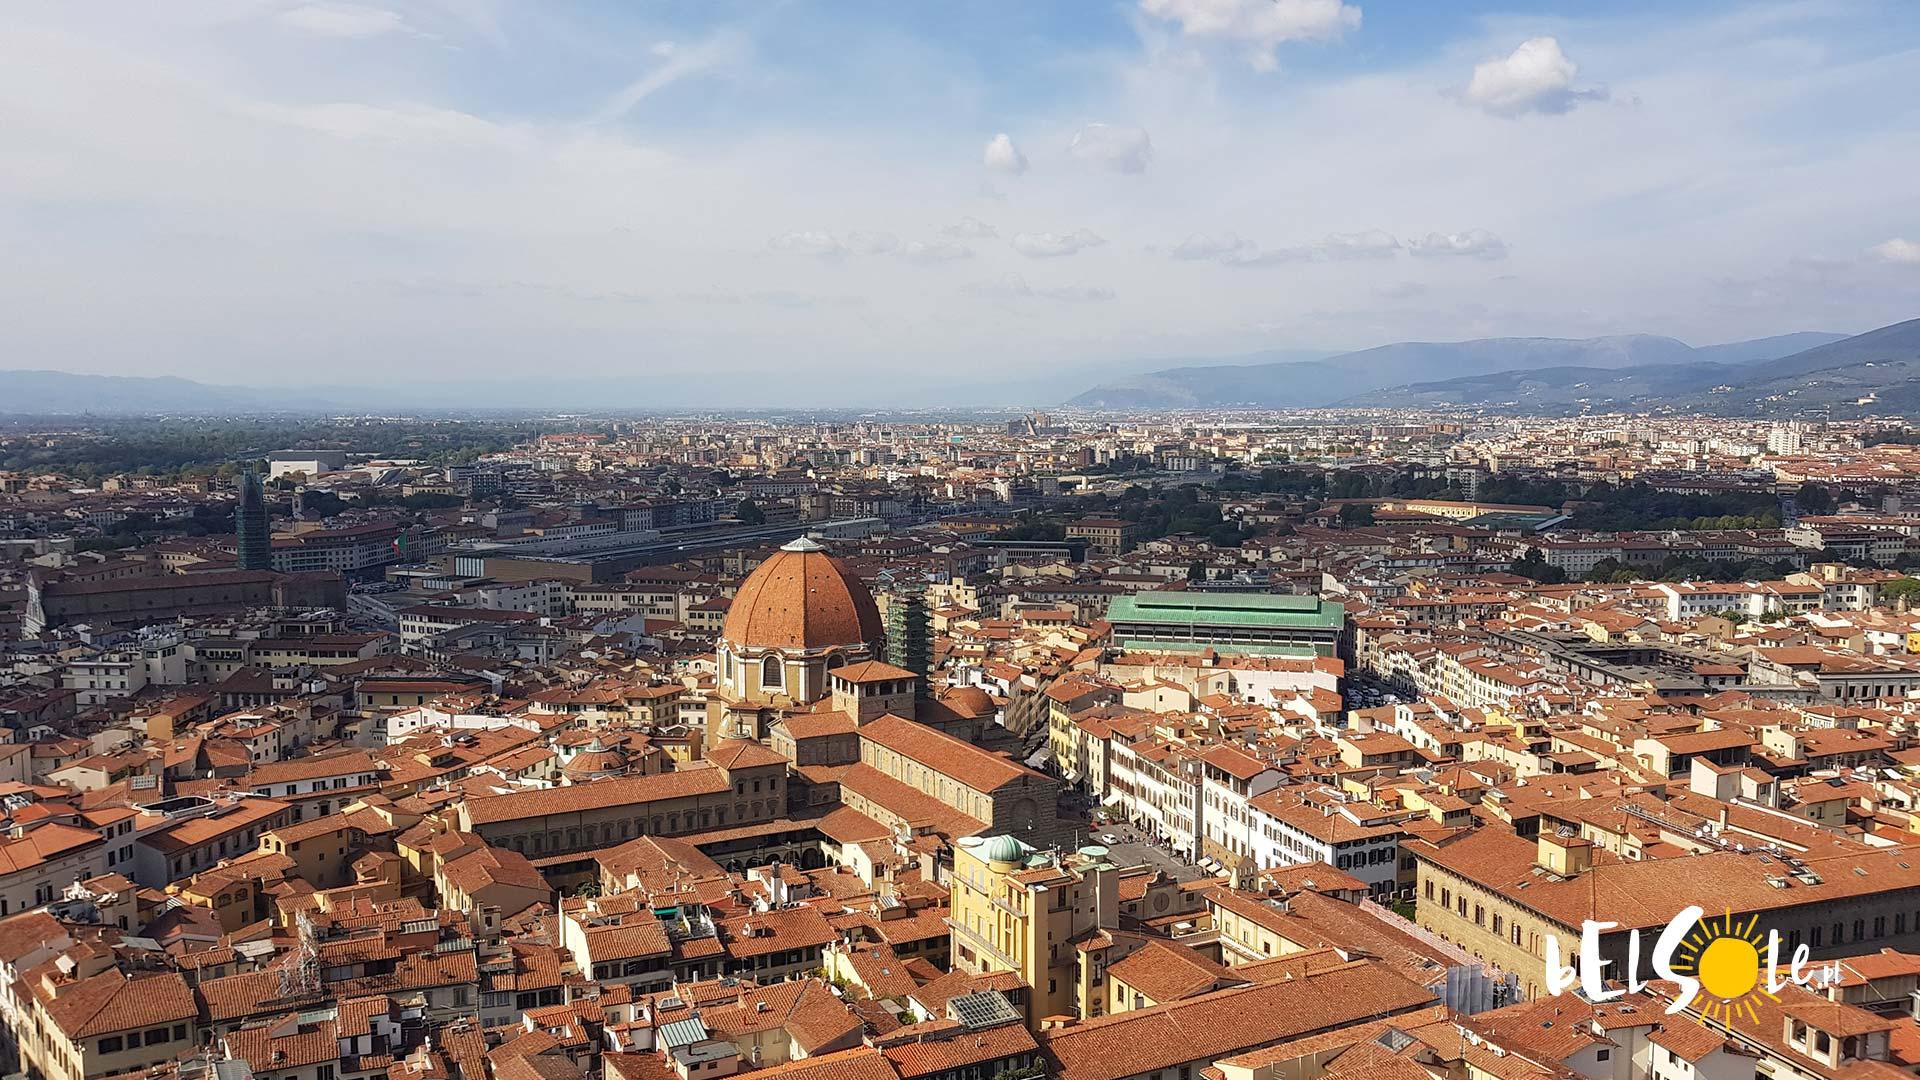 Ulice Florencji